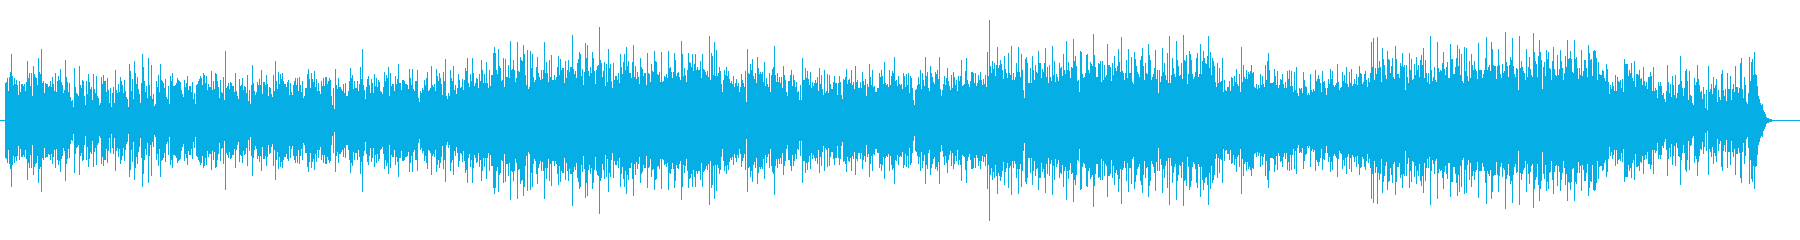 おだやかなニュー・ミュージック風の再生済みの波形